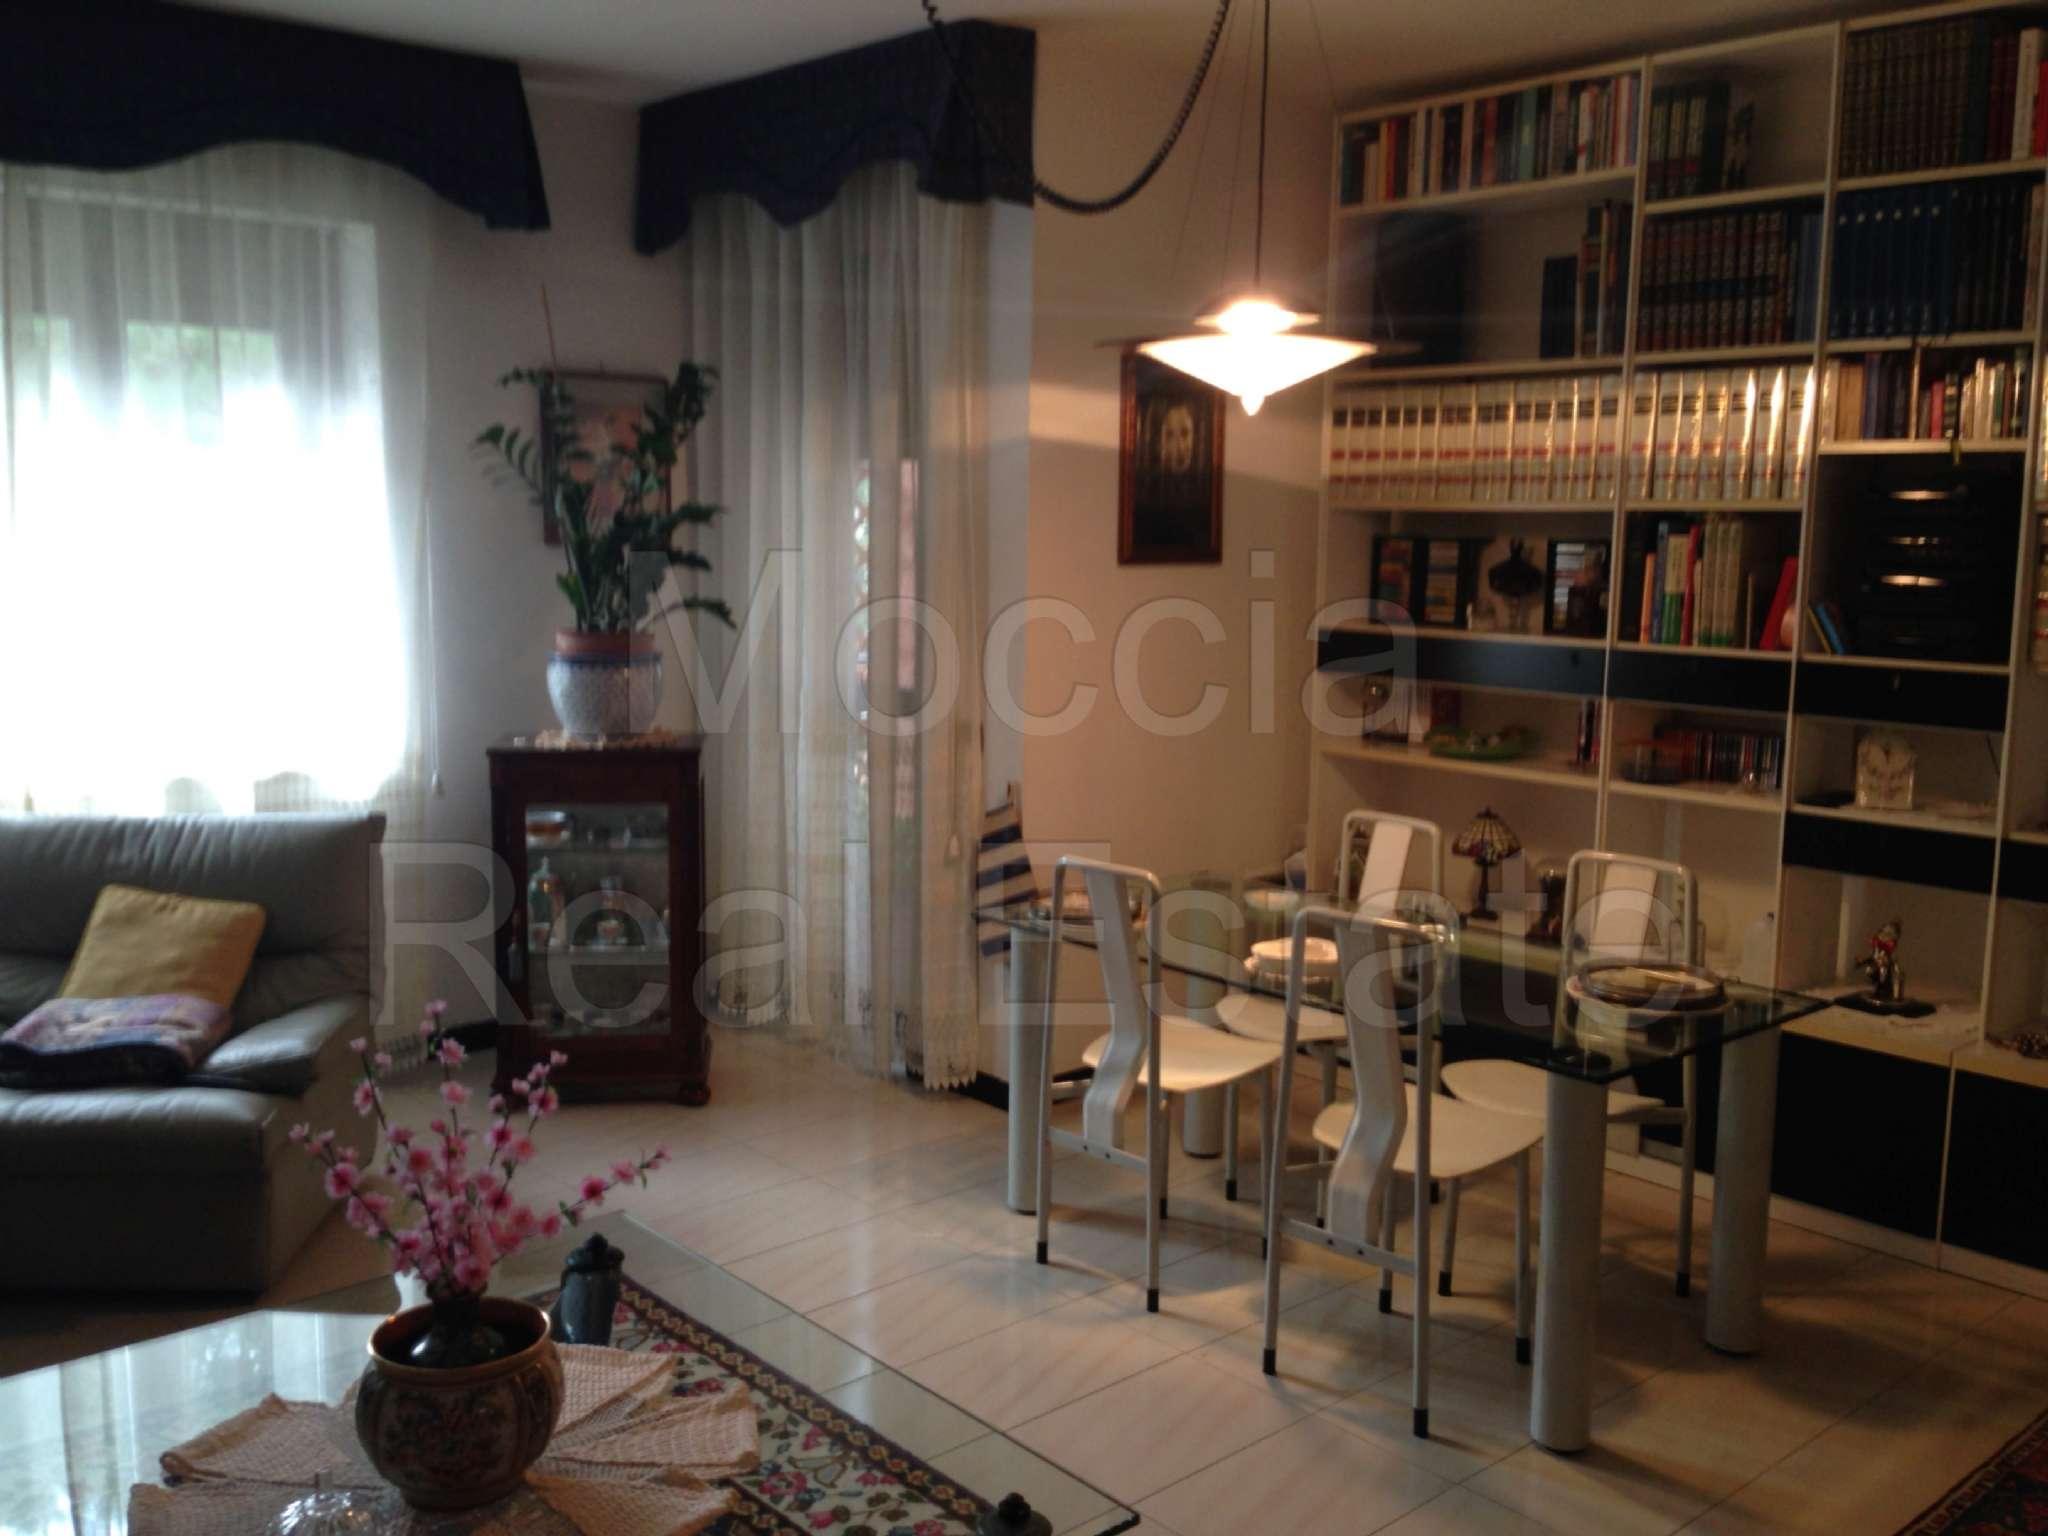 Appartamento in vendita a Caserta, 4 locali, prezzo € 300.000 | CambioCasa.it